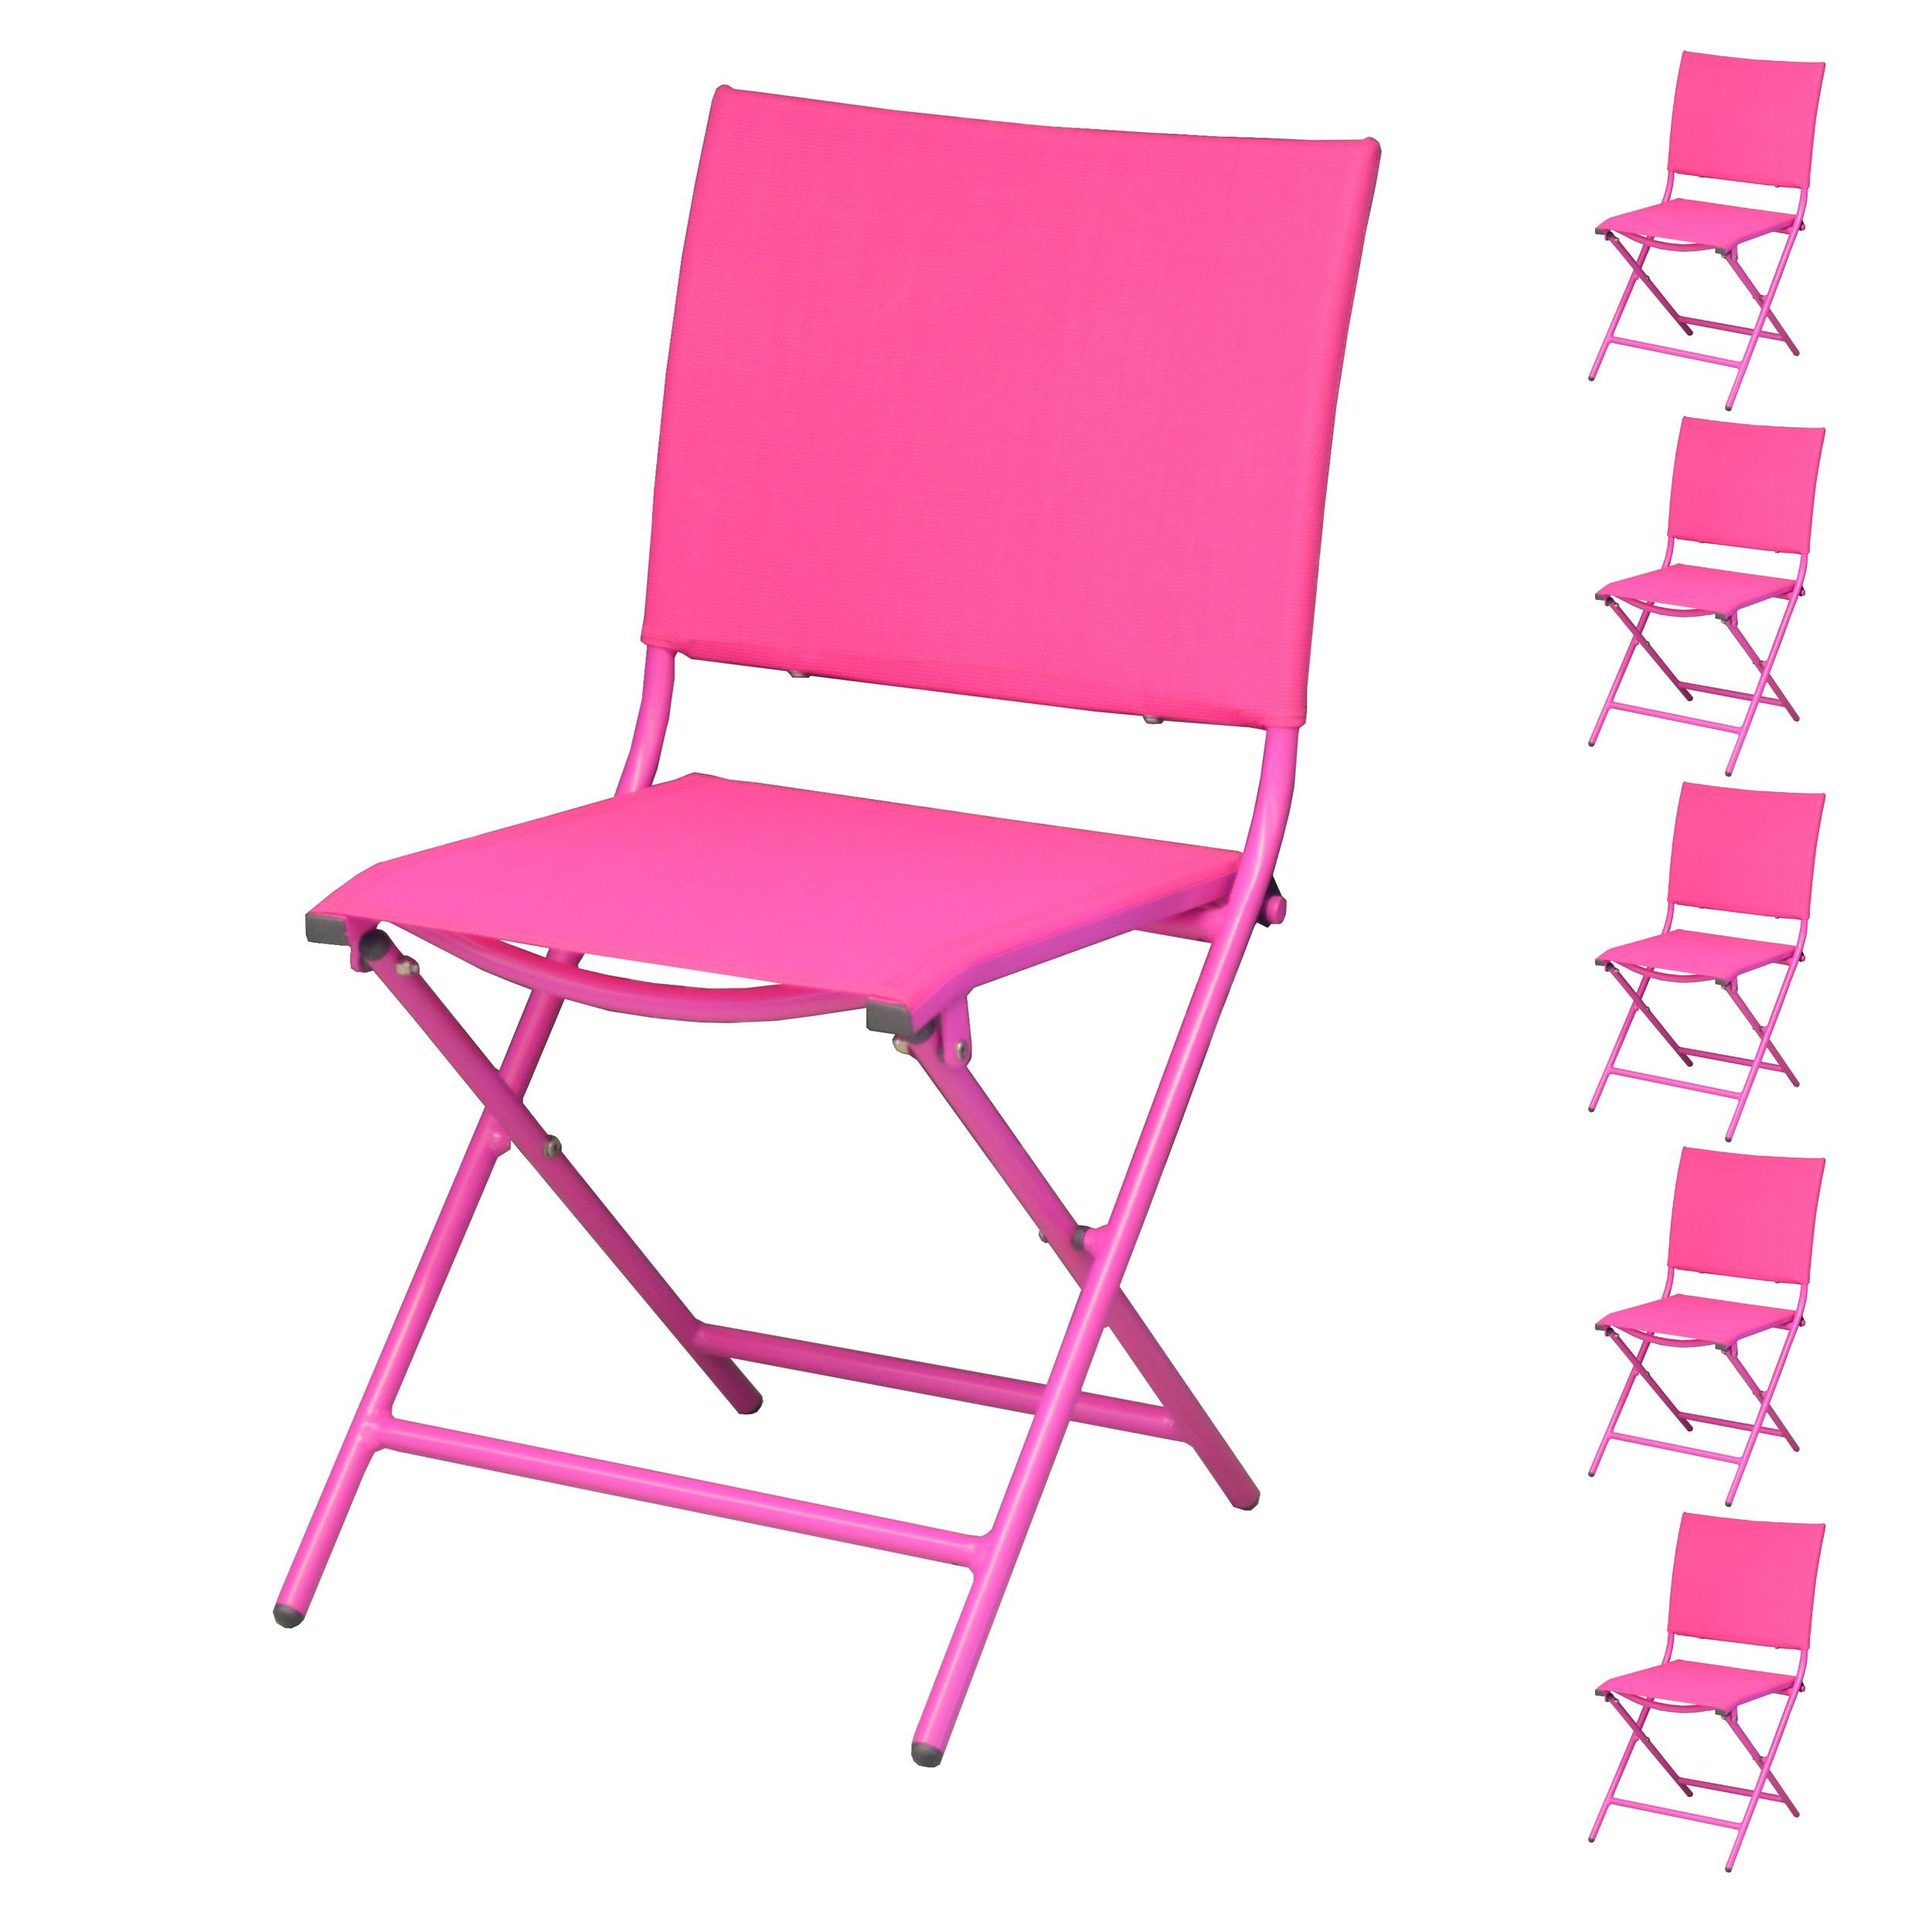 Acheter Chaise Pliante Lot De 6